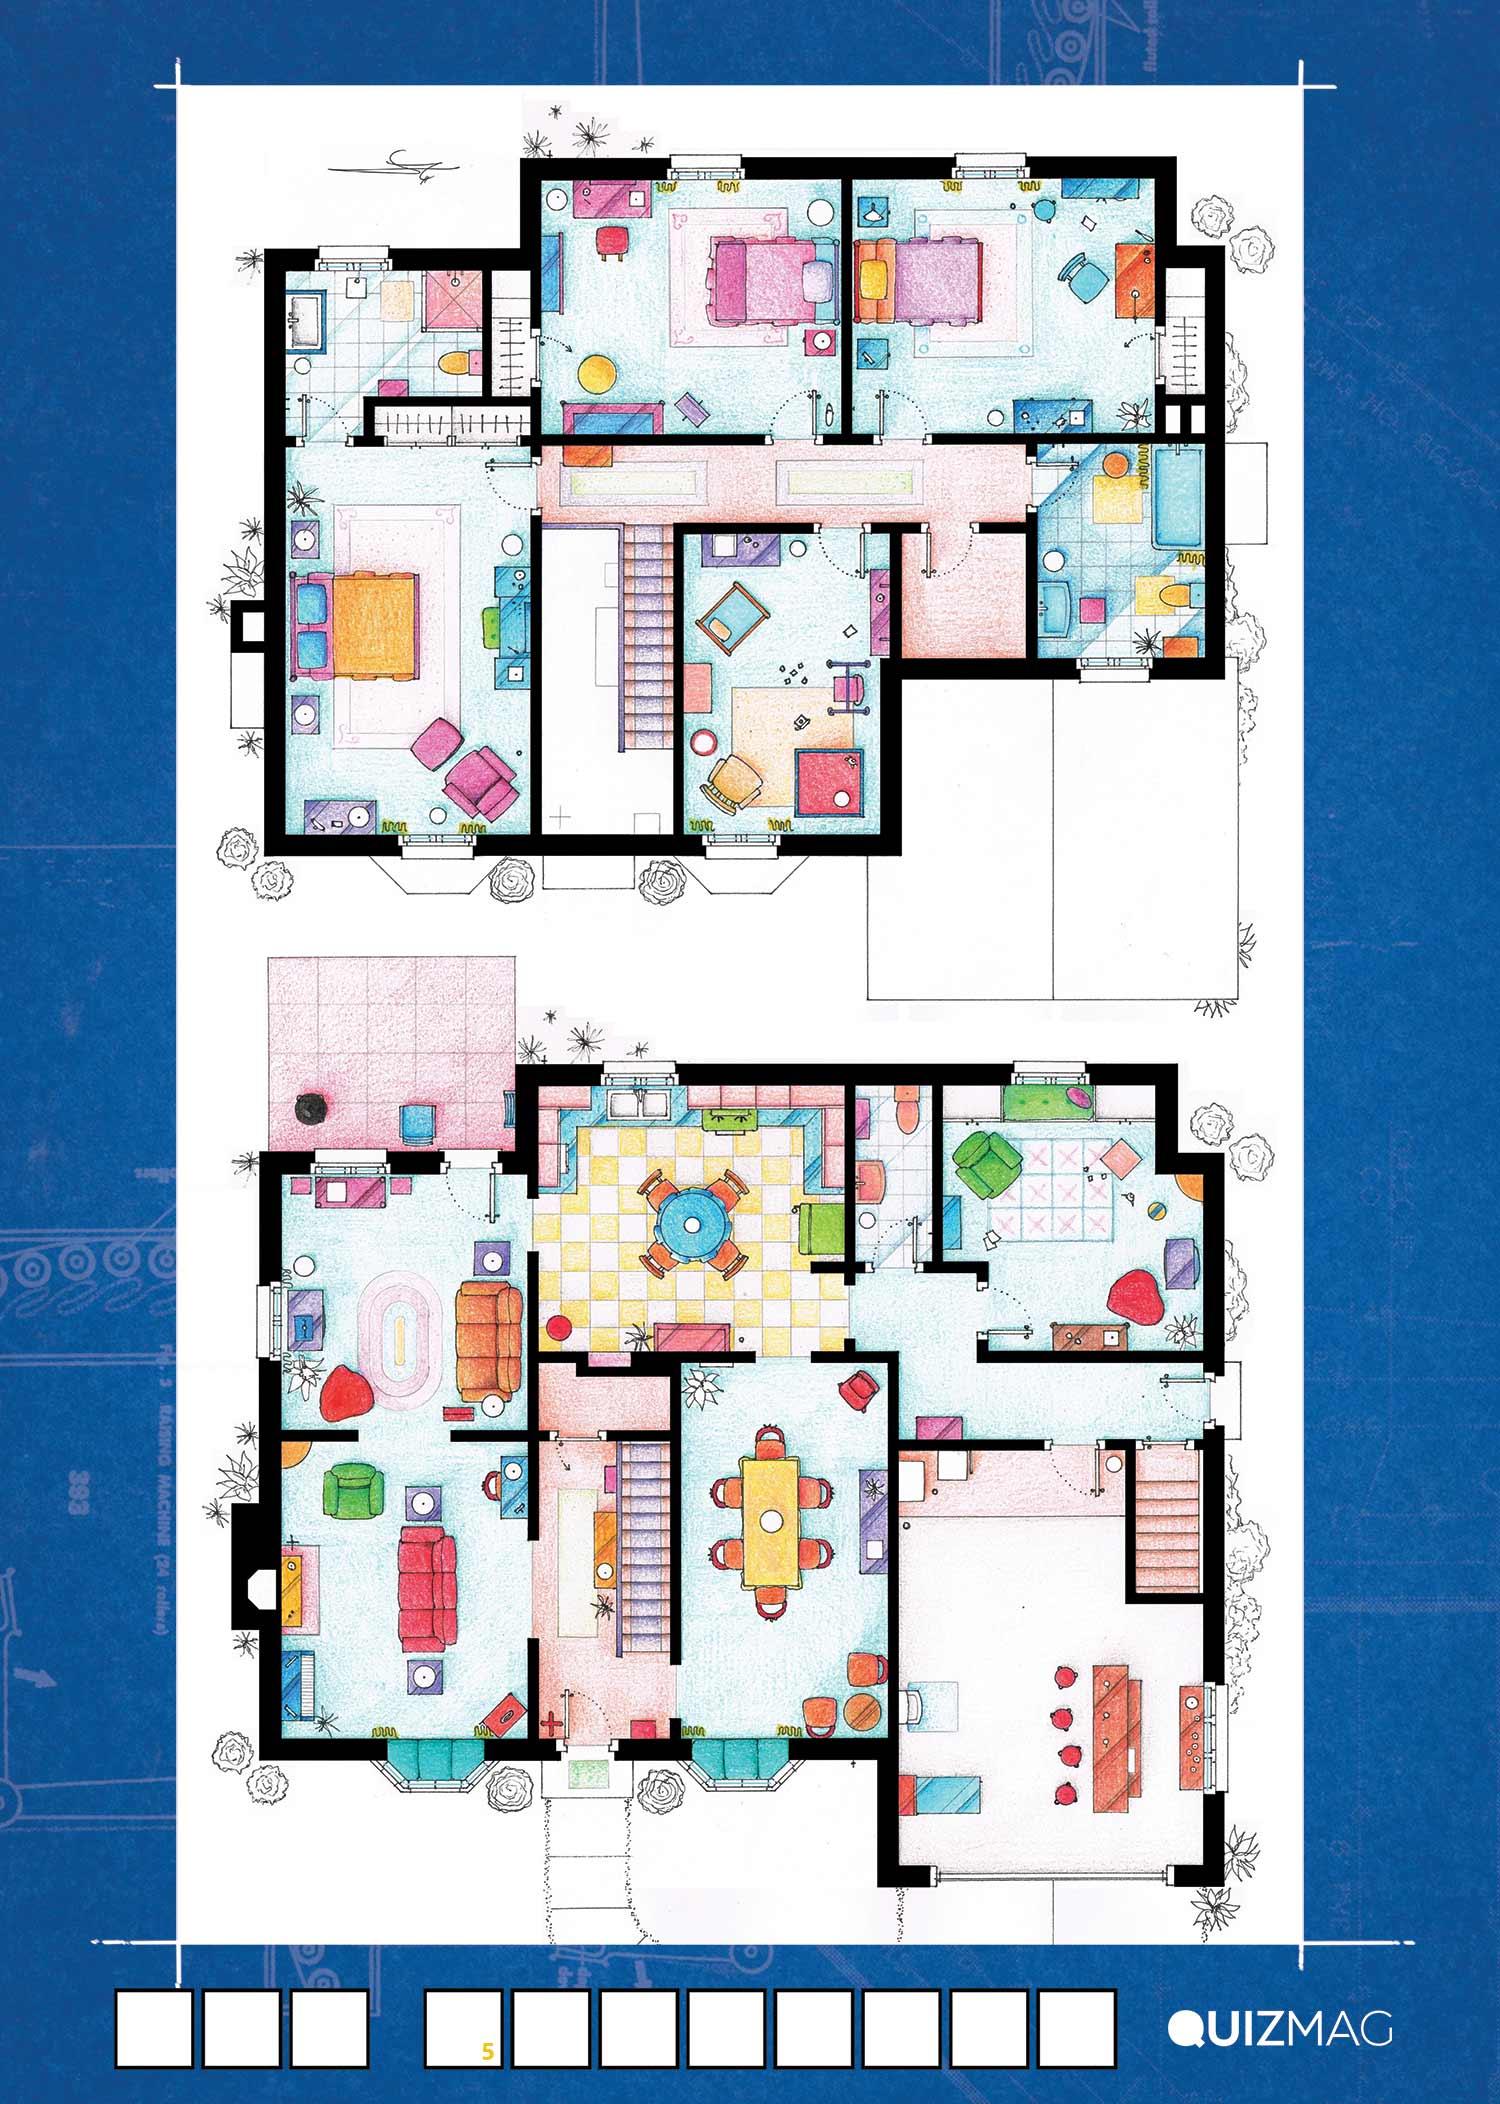 SerienGrundrisse_02 Erkennt ihr die Grundrisse dieser Serienwohnungen?